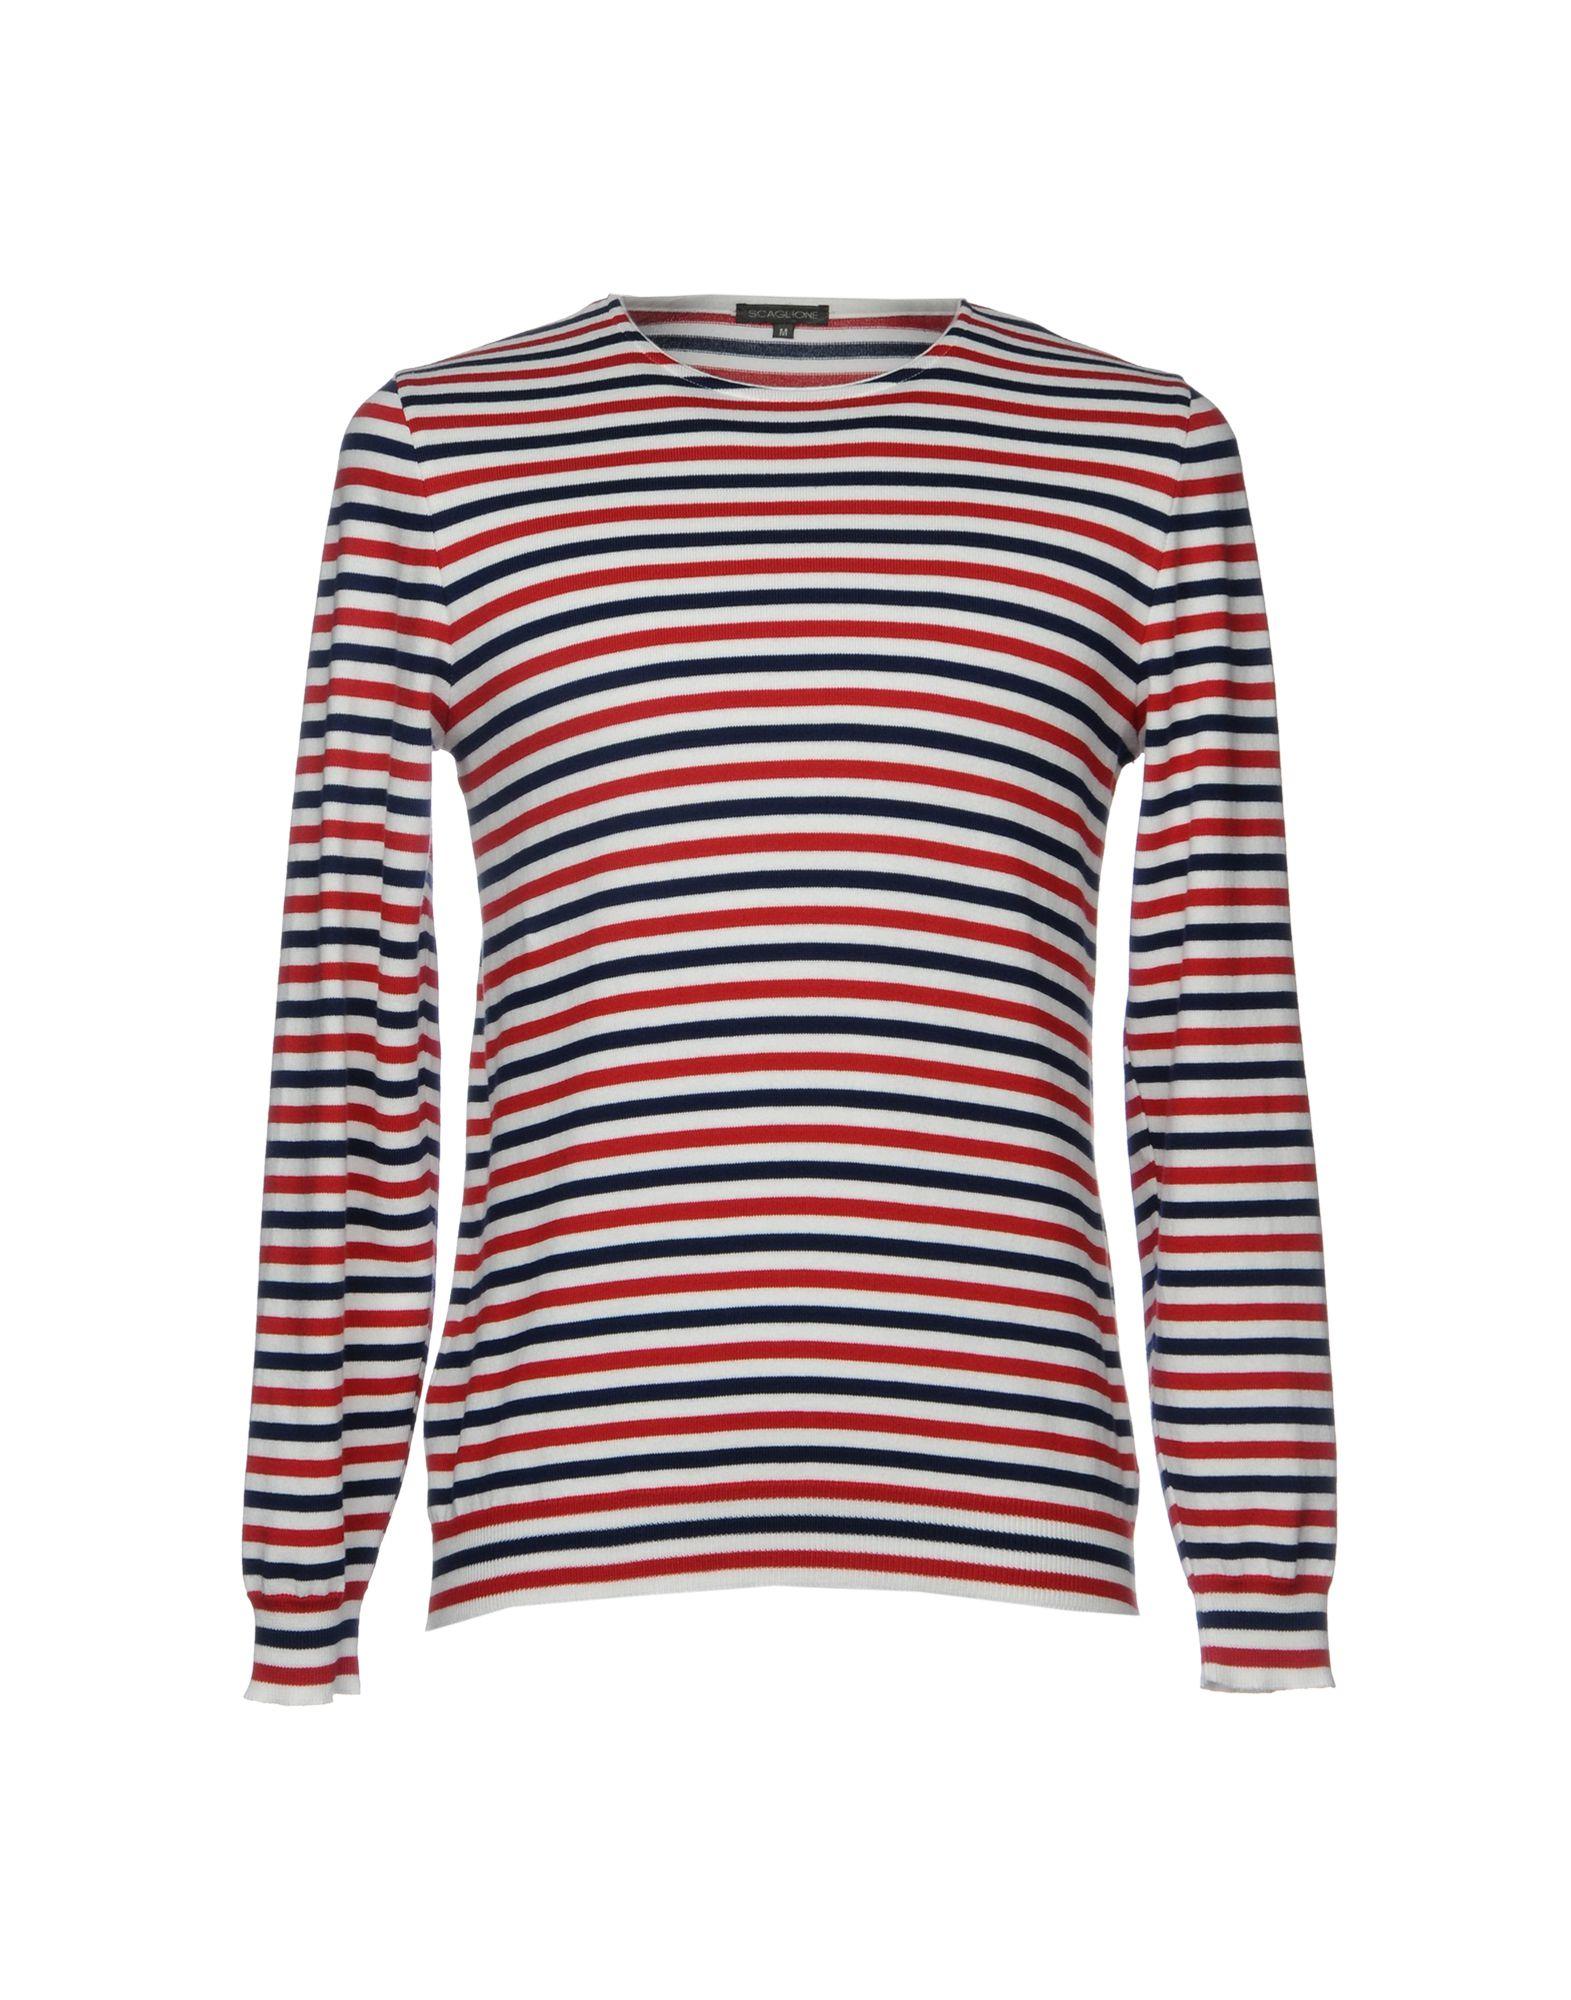 SCAGLIONE Свитер мужской свитер в полоску 52